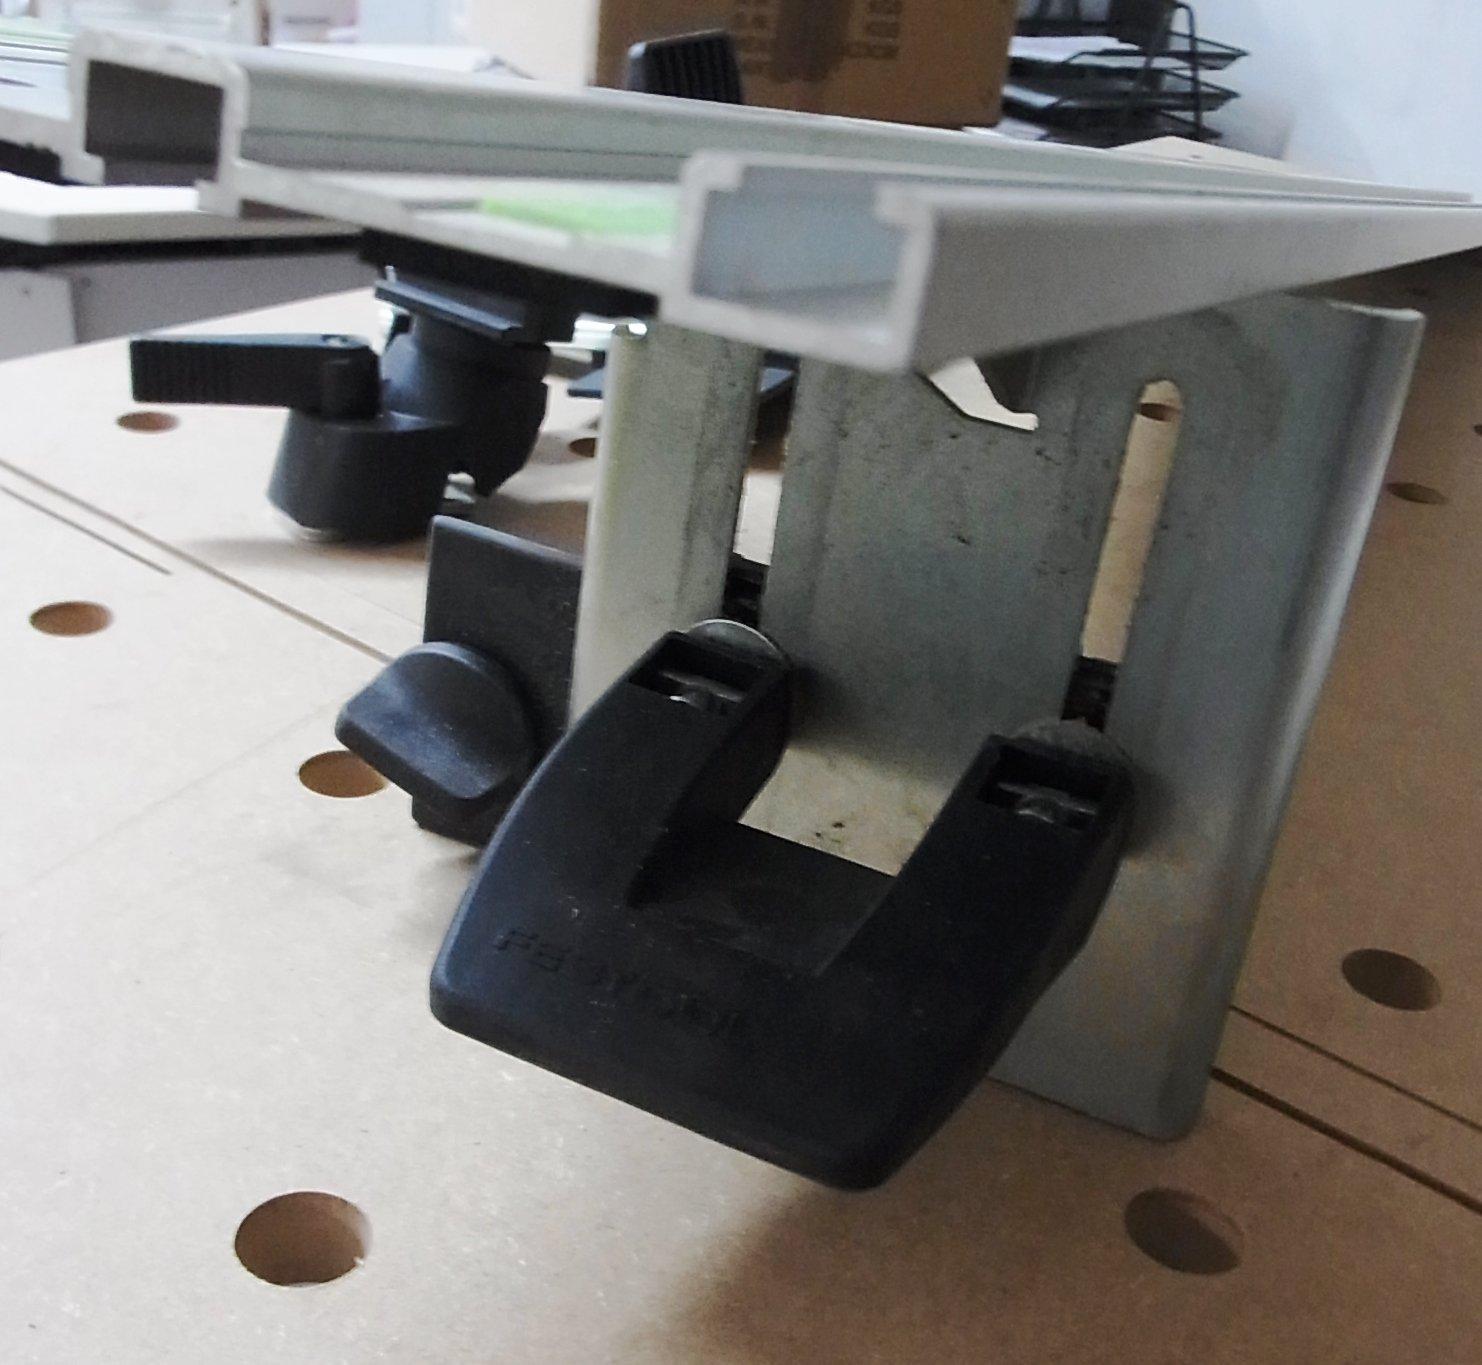 festool multifunktionstisch mft 3 werkstatttisch s getisch. Black Bedroom Furniture Sets. Home Design Ideas